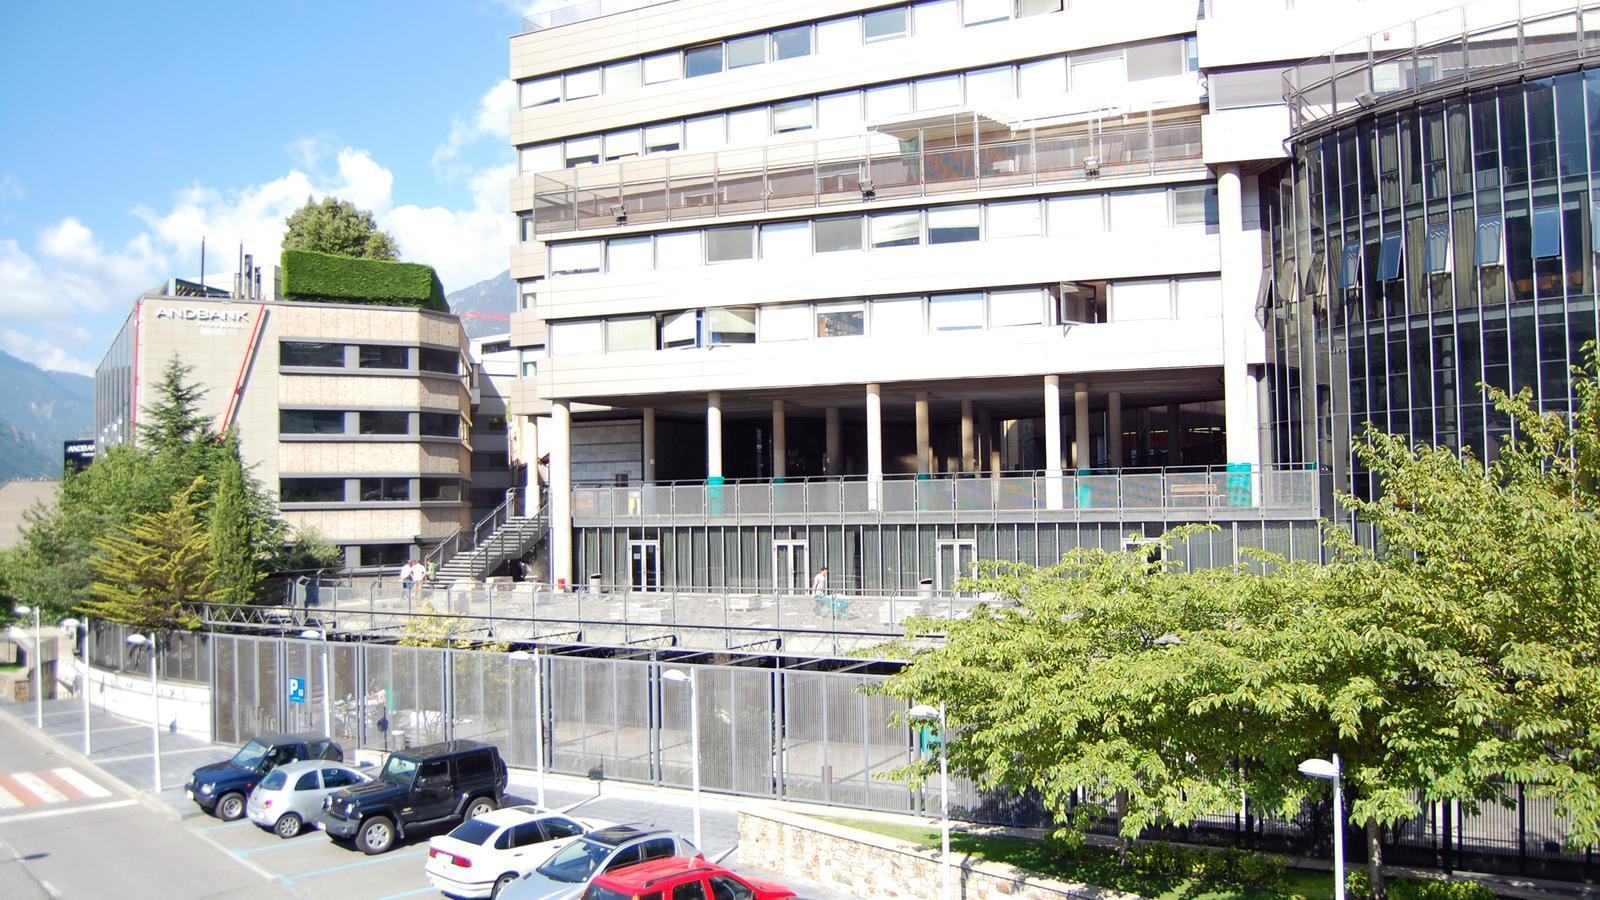 Vista general del col·legi espanyol María Moliner d'Escaldes-Engordany. / ARXIU ANA